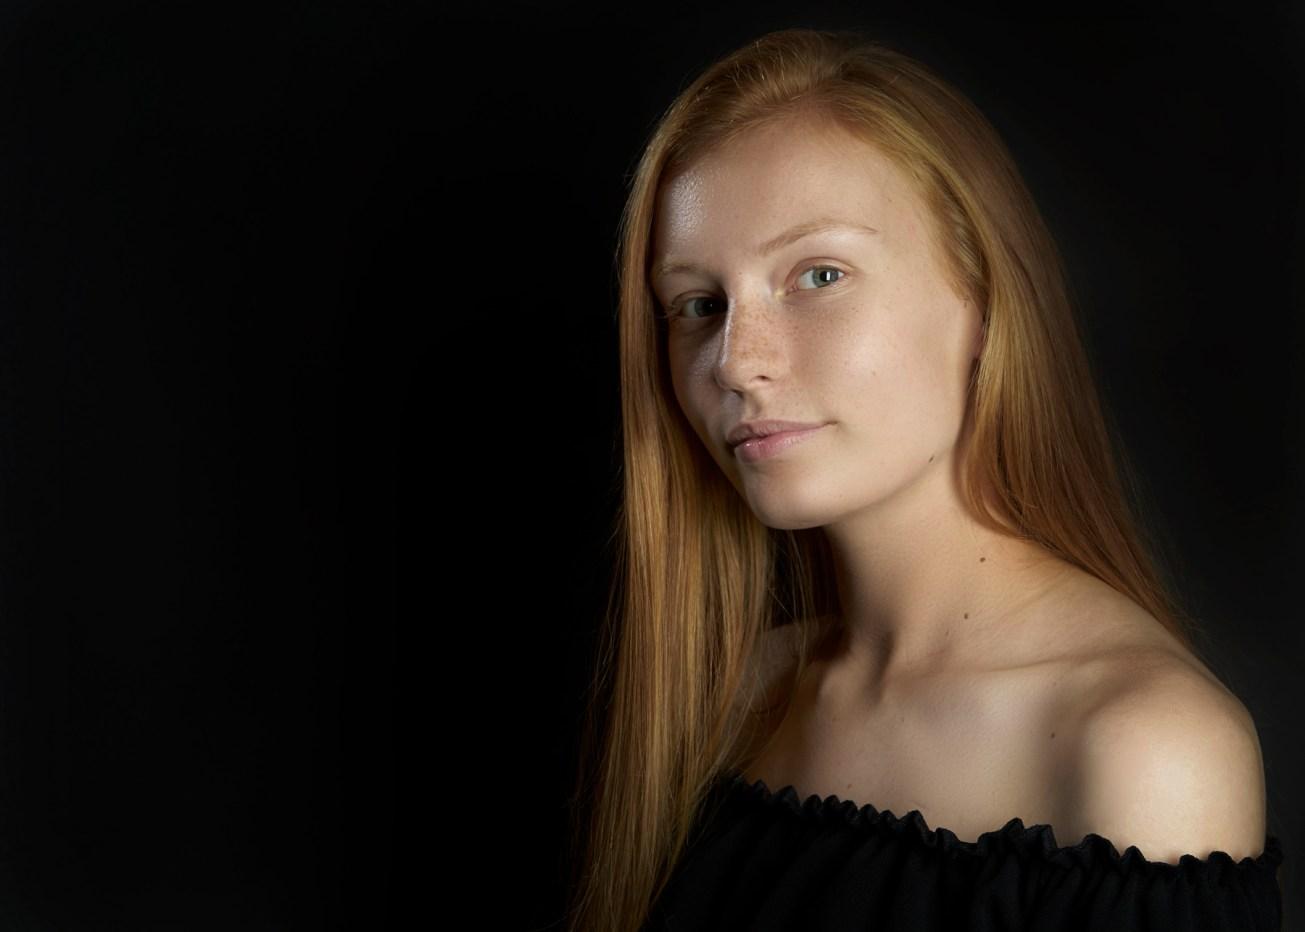 Beauty portrait shot in studio